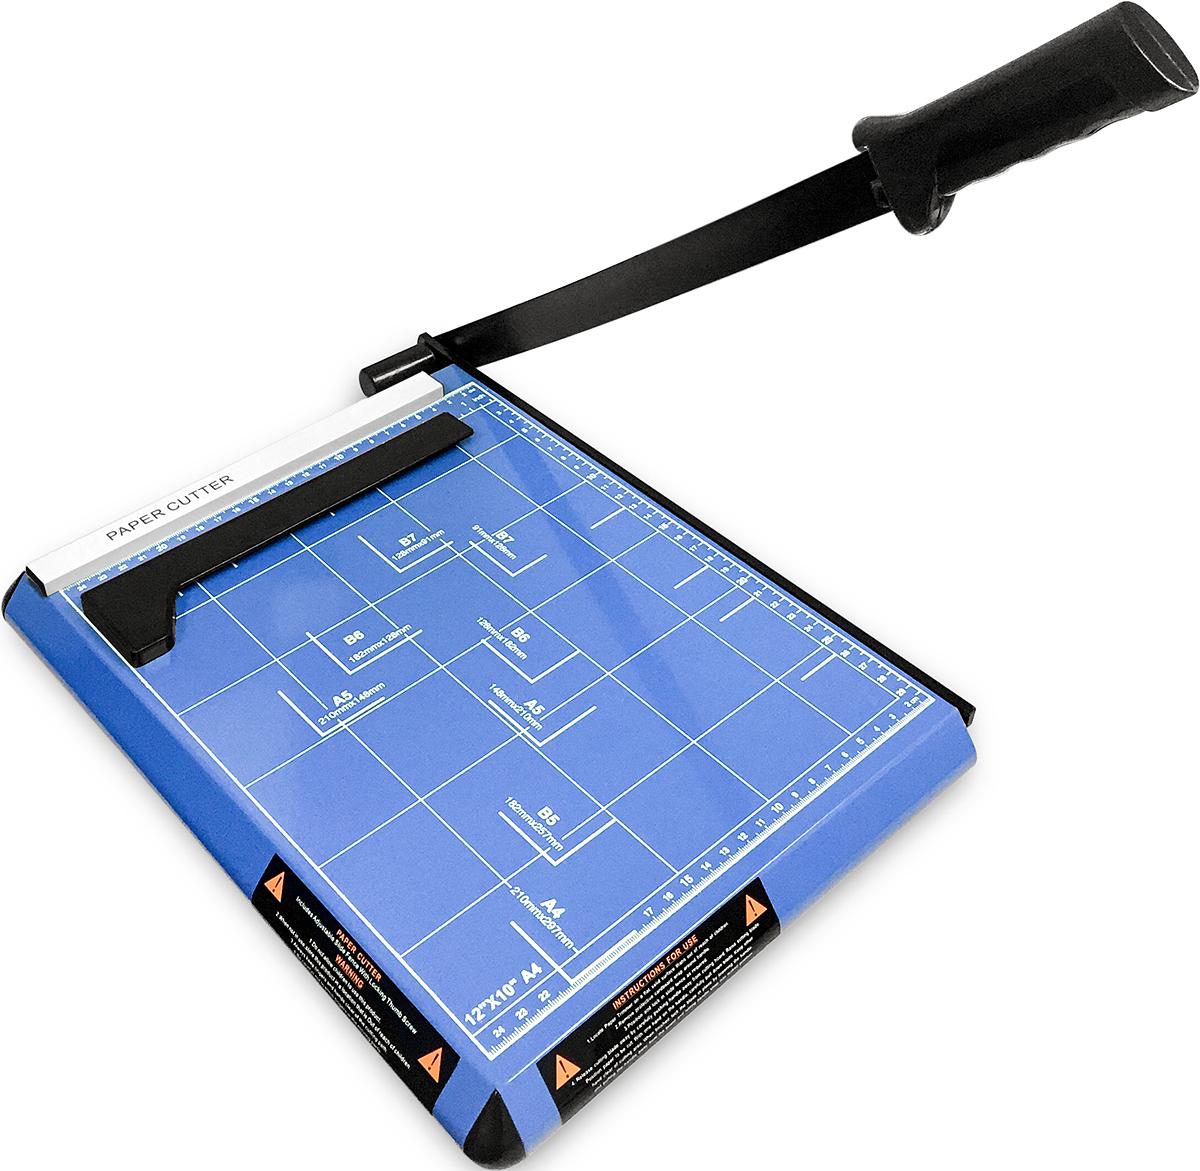 Гелеос РС A4-1 резак сабельный, цвет синийРСA4-1Надежный резак с лезвием сабельного типа справляется со стопой бумаги из 12 листов, плотностью не выше 70 г/кв.м. Нанесенная на рабочую поверхность градуировка в см и дюймах способствует правильному позиционированию бумаги на столе. Применяется обычно в офисах с небольшими потребностями в резке бумаги. Металлическое основание корпуса резака удерживает его от движения, что делает резку бумаги еще более точной, быстрой и удобной. Не смотря на это, весит прибор 1.85 кг. Это позволяет переносить резак с места на места